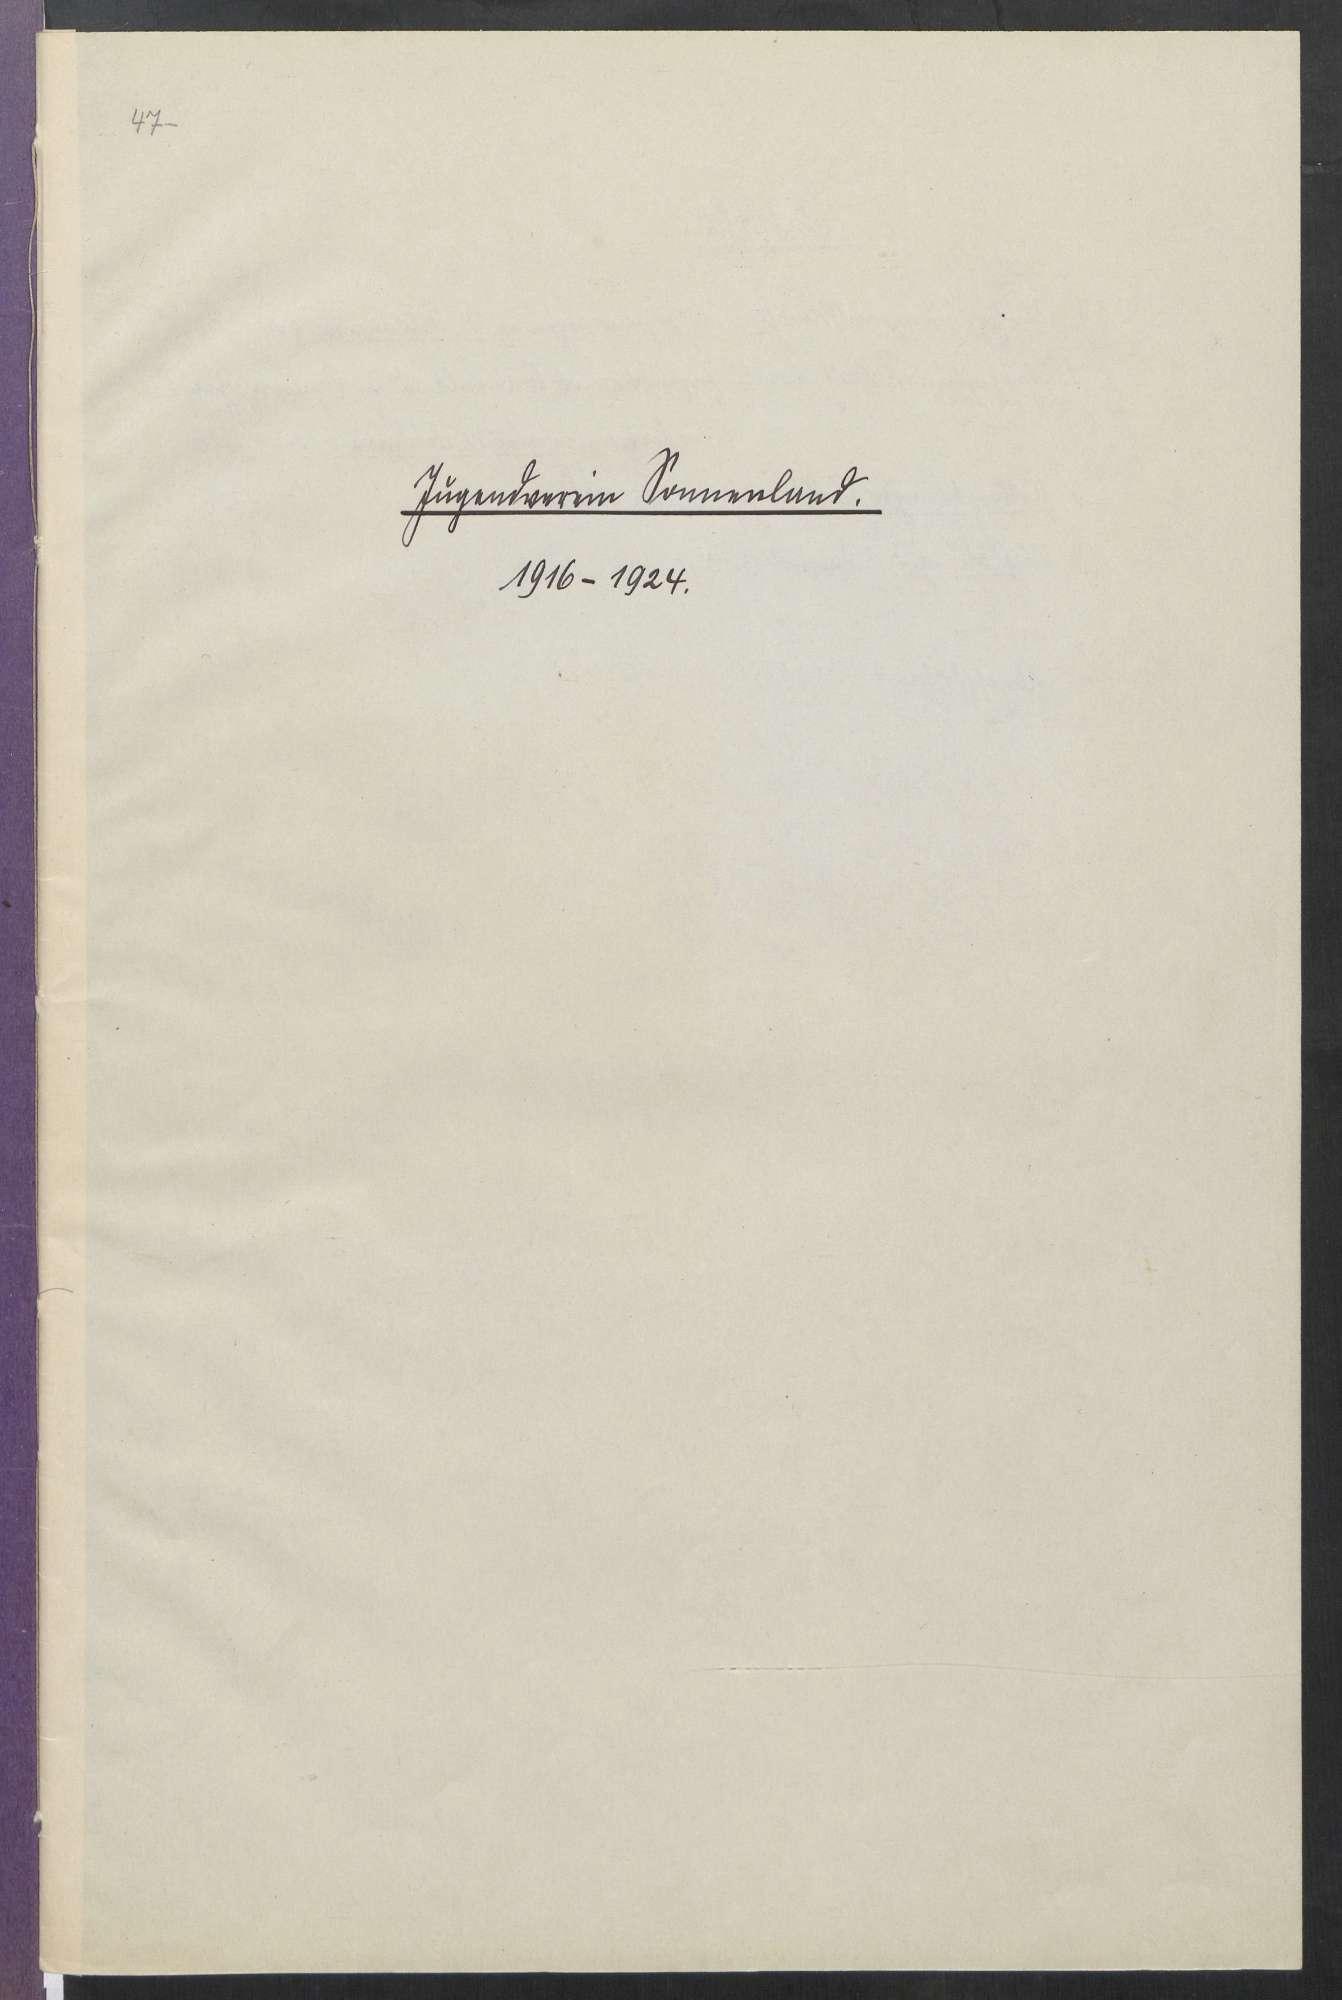 Jugendverein Sonnenland (1916 - 1933), Bild 2